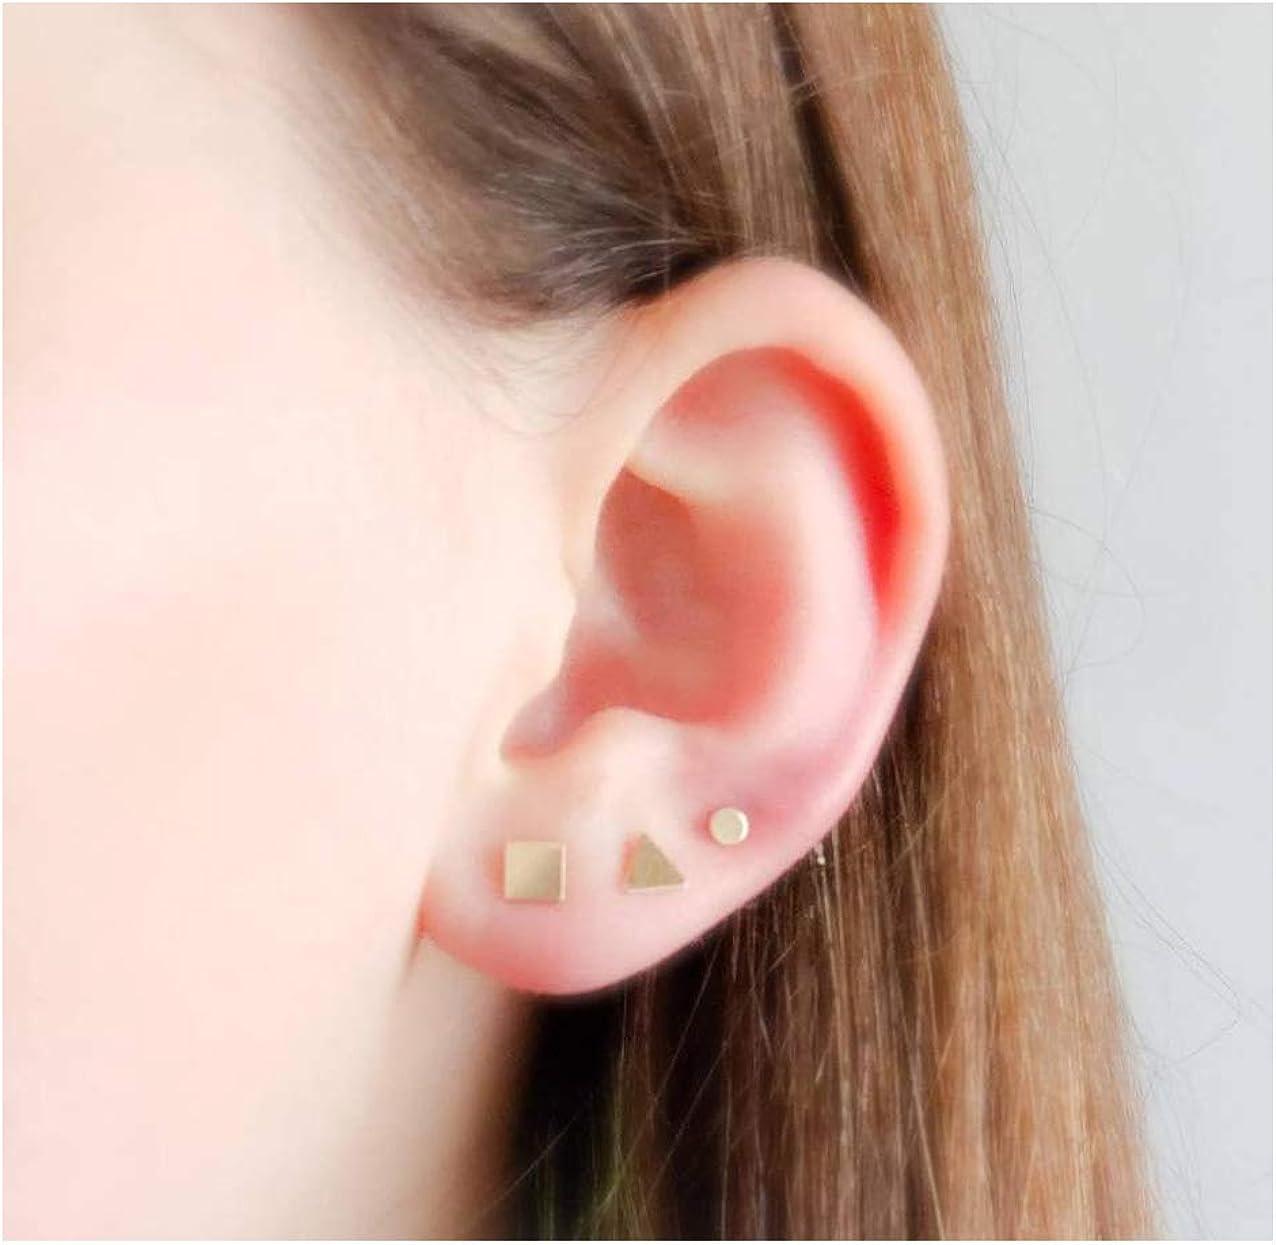 Tiny geometric minimal unisex earrings studs set!